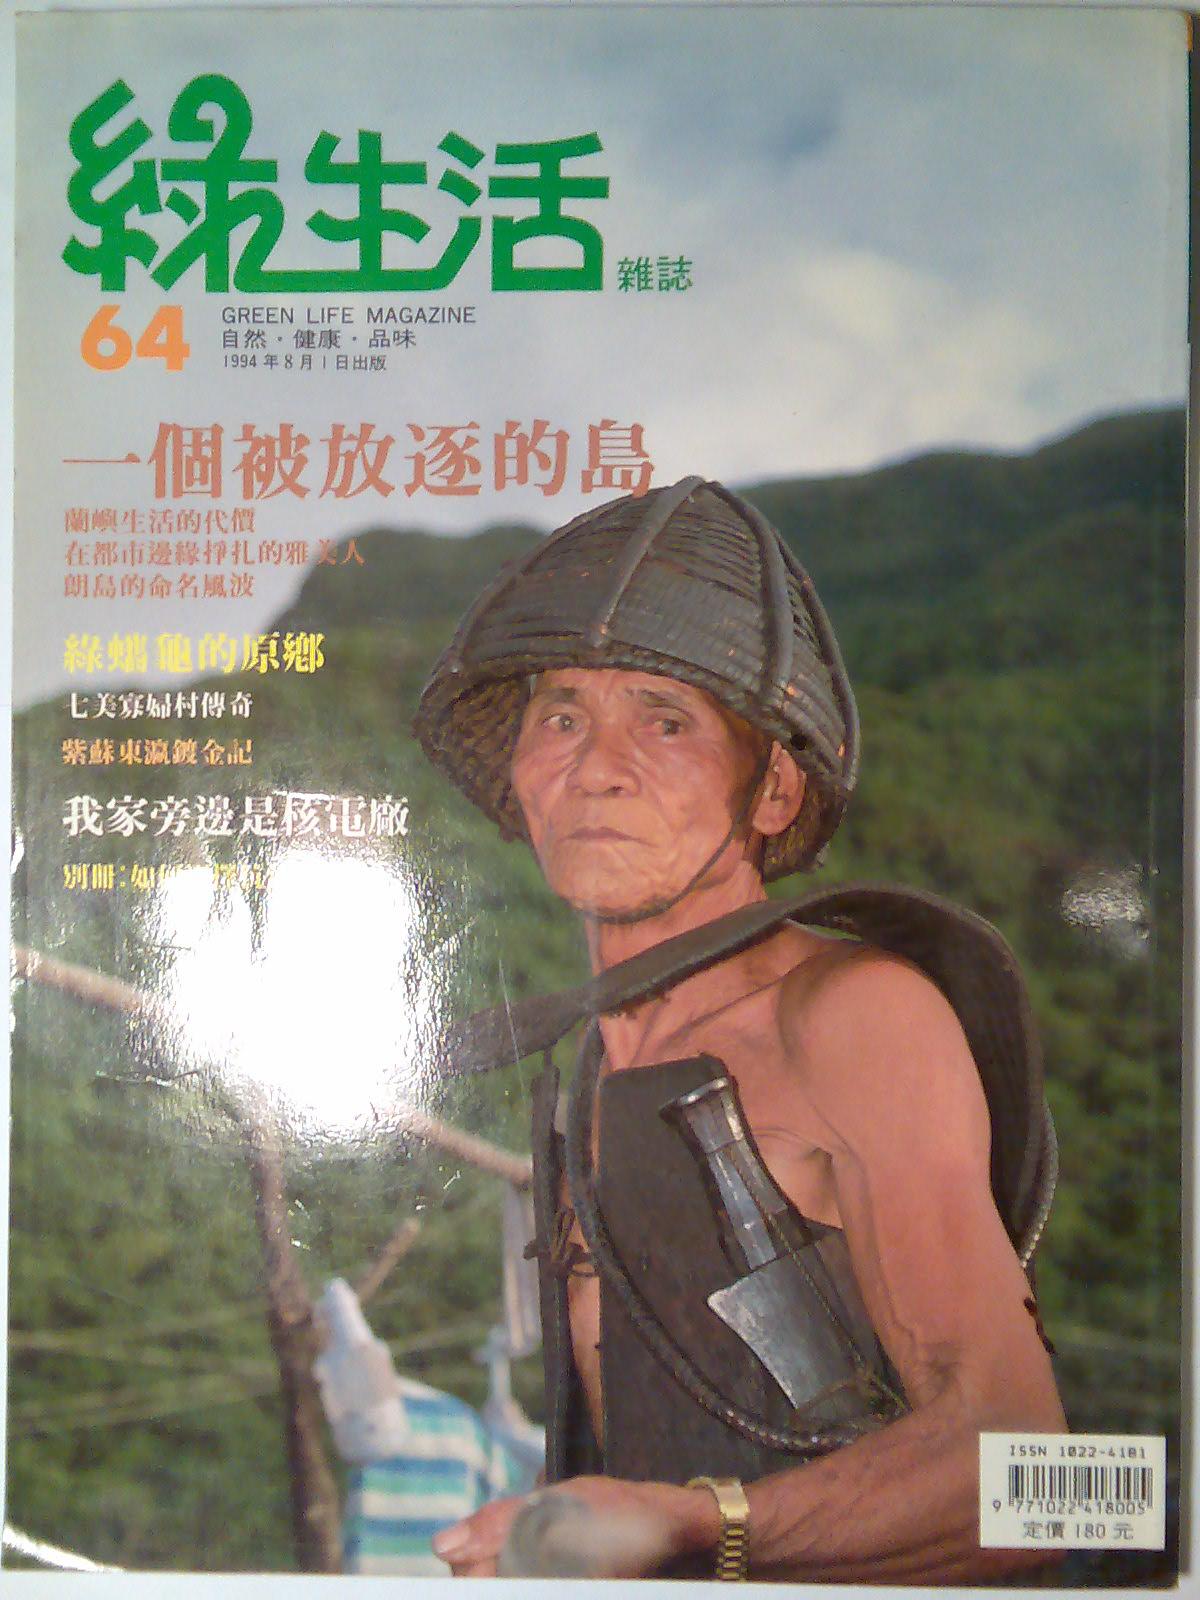 綠生活雜誌